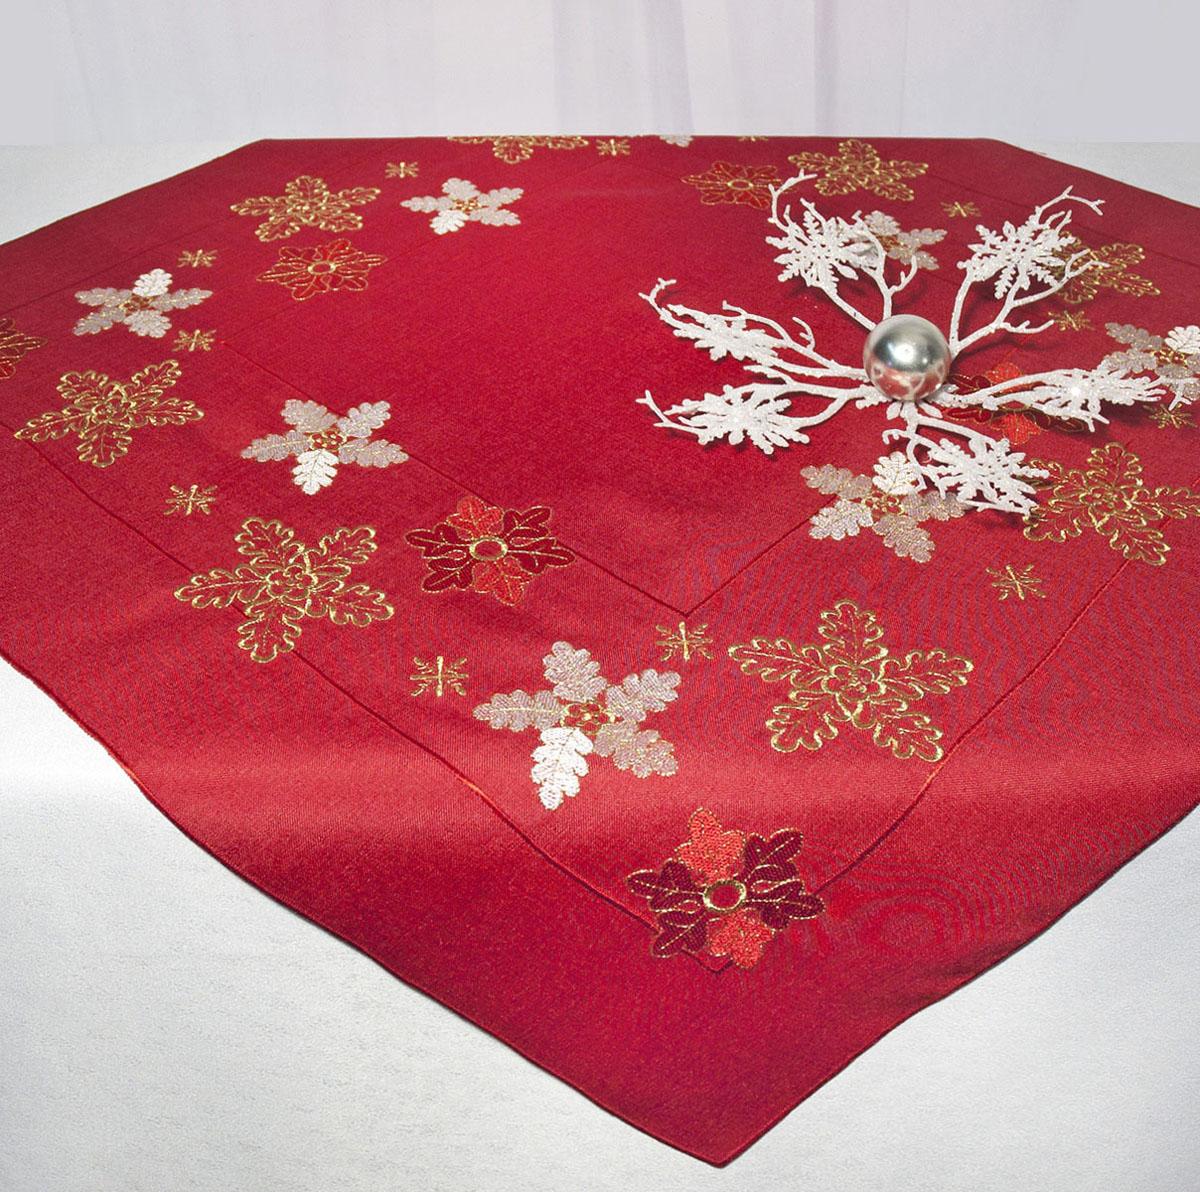 Скатерть Schaefer, квадратная, цвет: красный, 85 x 85 см. 07490-10007490-100Скатерть Schaefer изготовлена из полиэстера и украшена новогодней вышивкой. Изделия из полиэстера легко стирать: они не мнутся, не садятся и быстро сохнут, они более долговечны, чем изделия из натуральных волокон. Кроме того, ткань обладает водоотталкивающими свойствами. Такая скатерть будет просто не заменима на кухне, а особенно на вашем обеденном столе на даче под открытым небом. Скатерть Schaefer не останется без внимания ваших гостей, а вас будет ежедневно радовать ярким дизайном и несравненным качеством. Немецкая компания Schaefer создана в 1921 году. На протяжении всего времени существования она создает уникальные коллекции домашнего текстиля для гостиных, спален, кухонь и ванных комнат. Дизайнерские идеи немецких художников компании Schaefer воплощаются в текстильных изделиях, которые сделают ваш дом красивее и уютнее и не останутся незамеченными вашими гостями. Дарите себе и близким красоту каждый день! Изысканный...